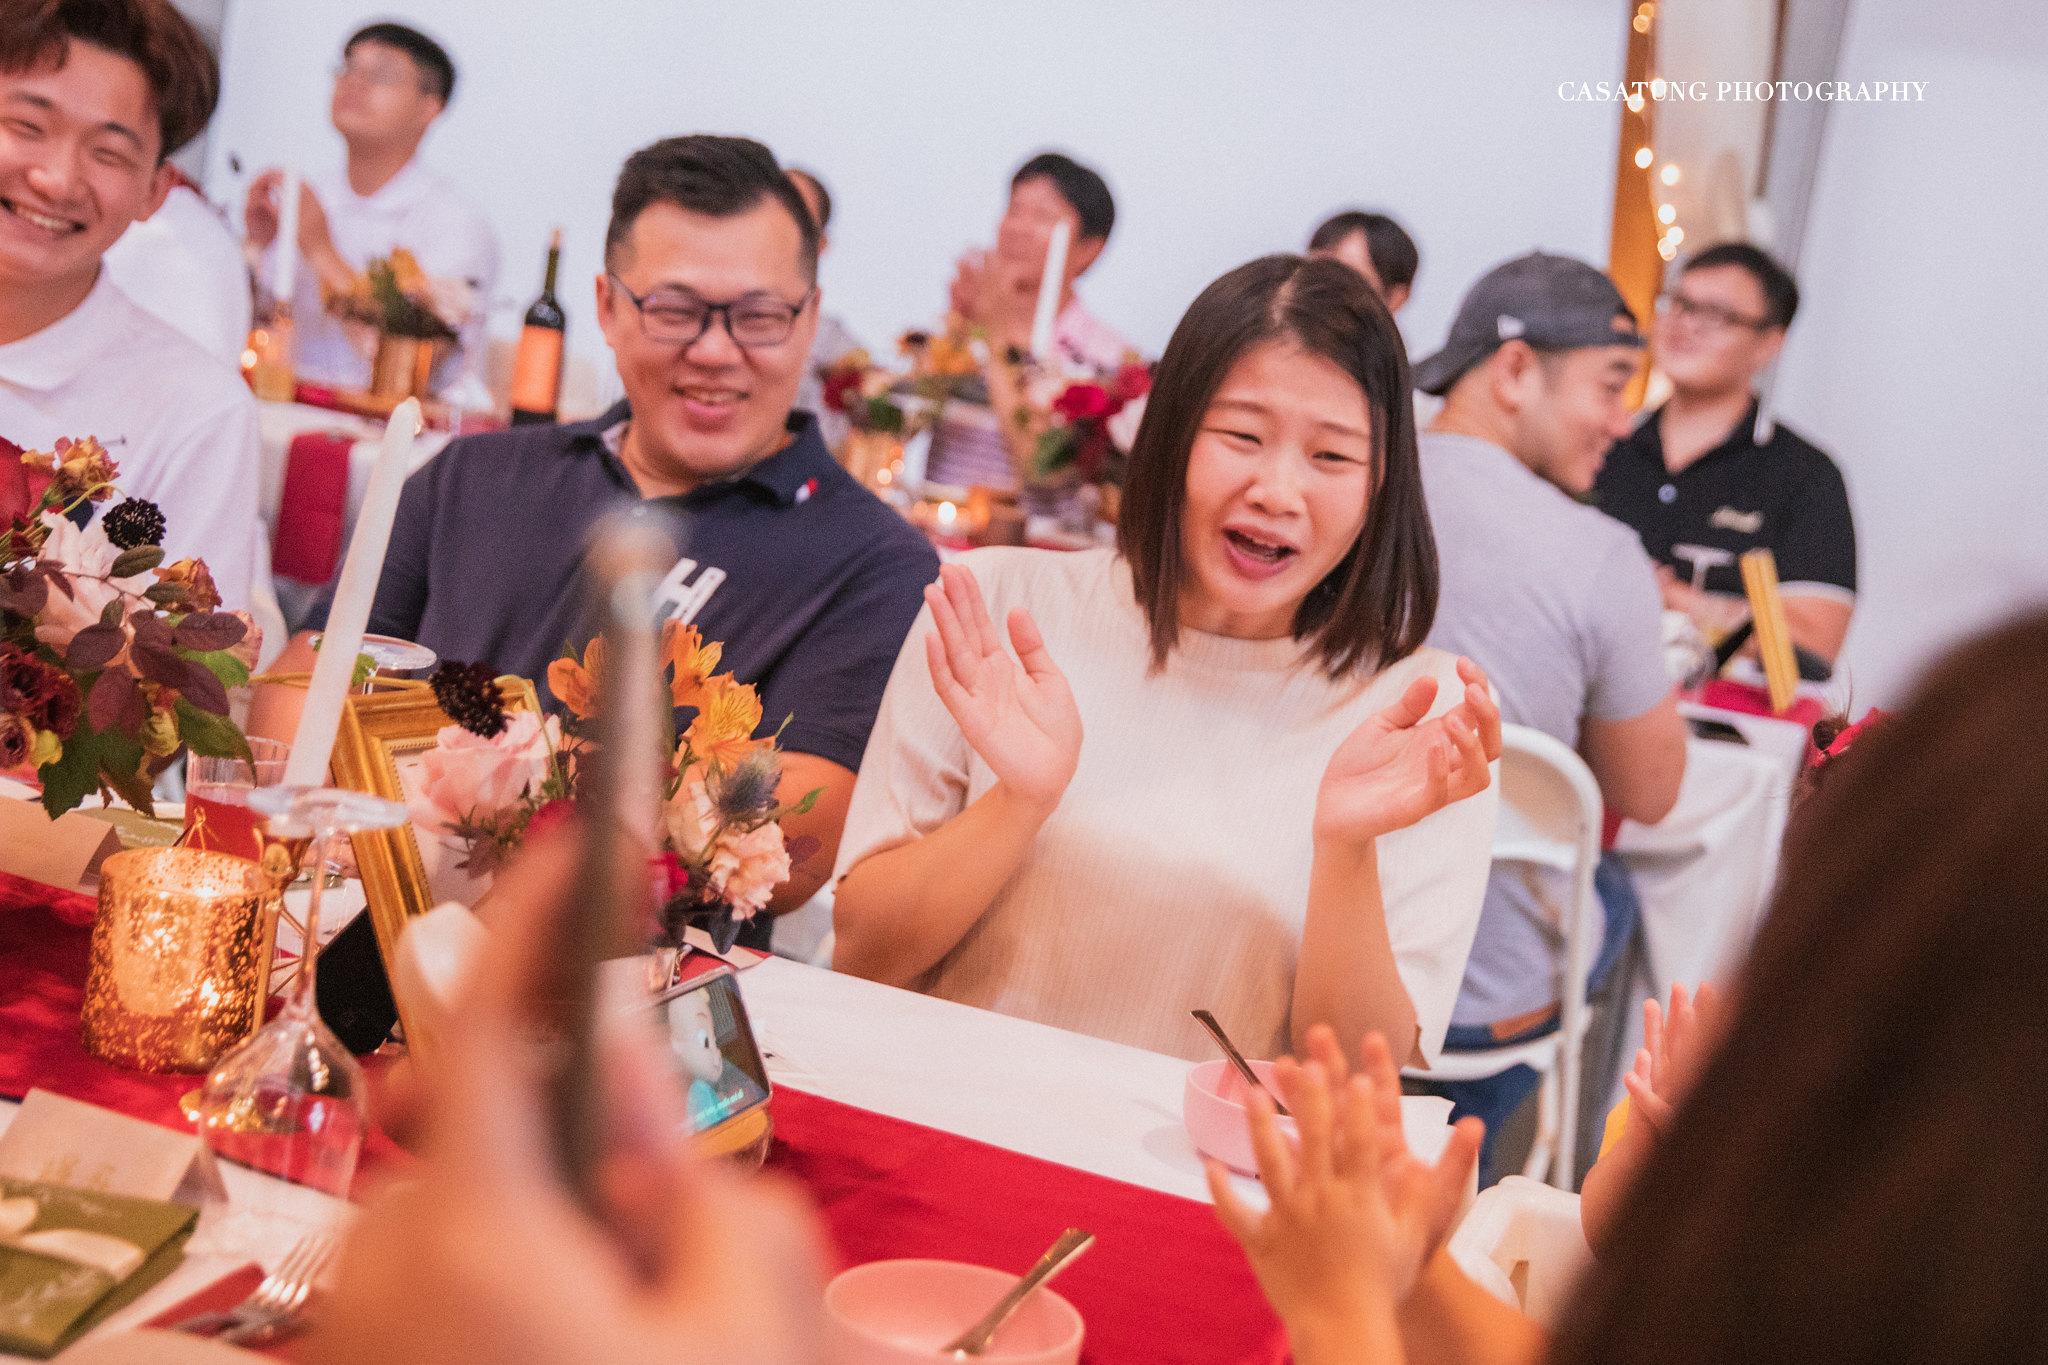 顏氏牧場婚禮,台中婚攝casa,旋轉木馬-89